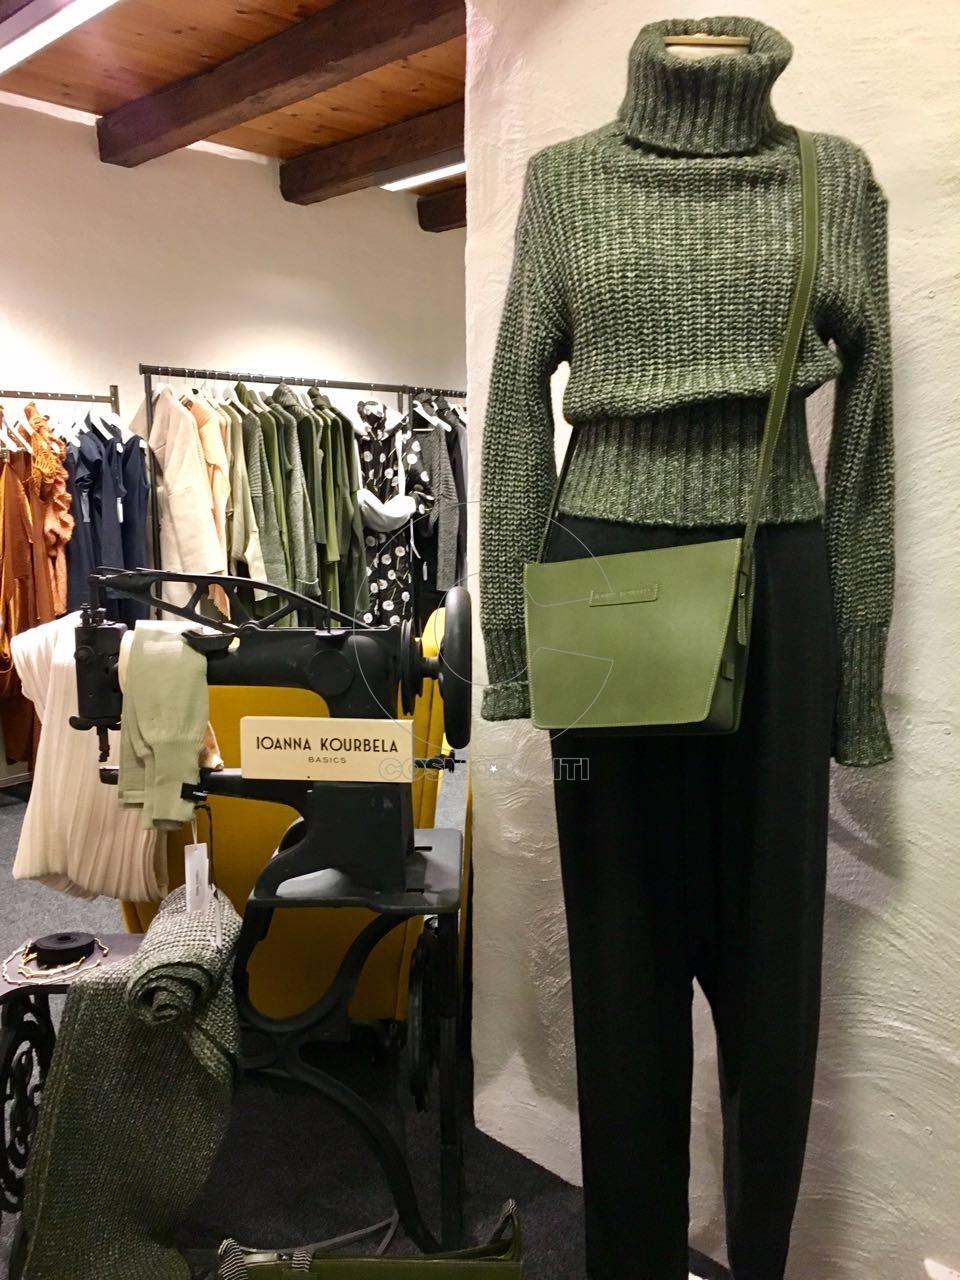 Ioanna Kourbela_Oslo store_2017 (5)